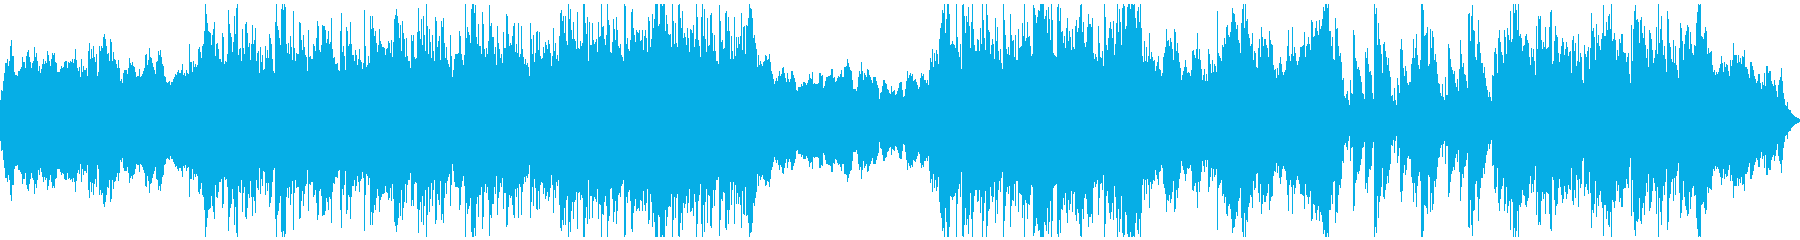 打楽器主体の泥臭さのある戦いBGMの再生済みの波形